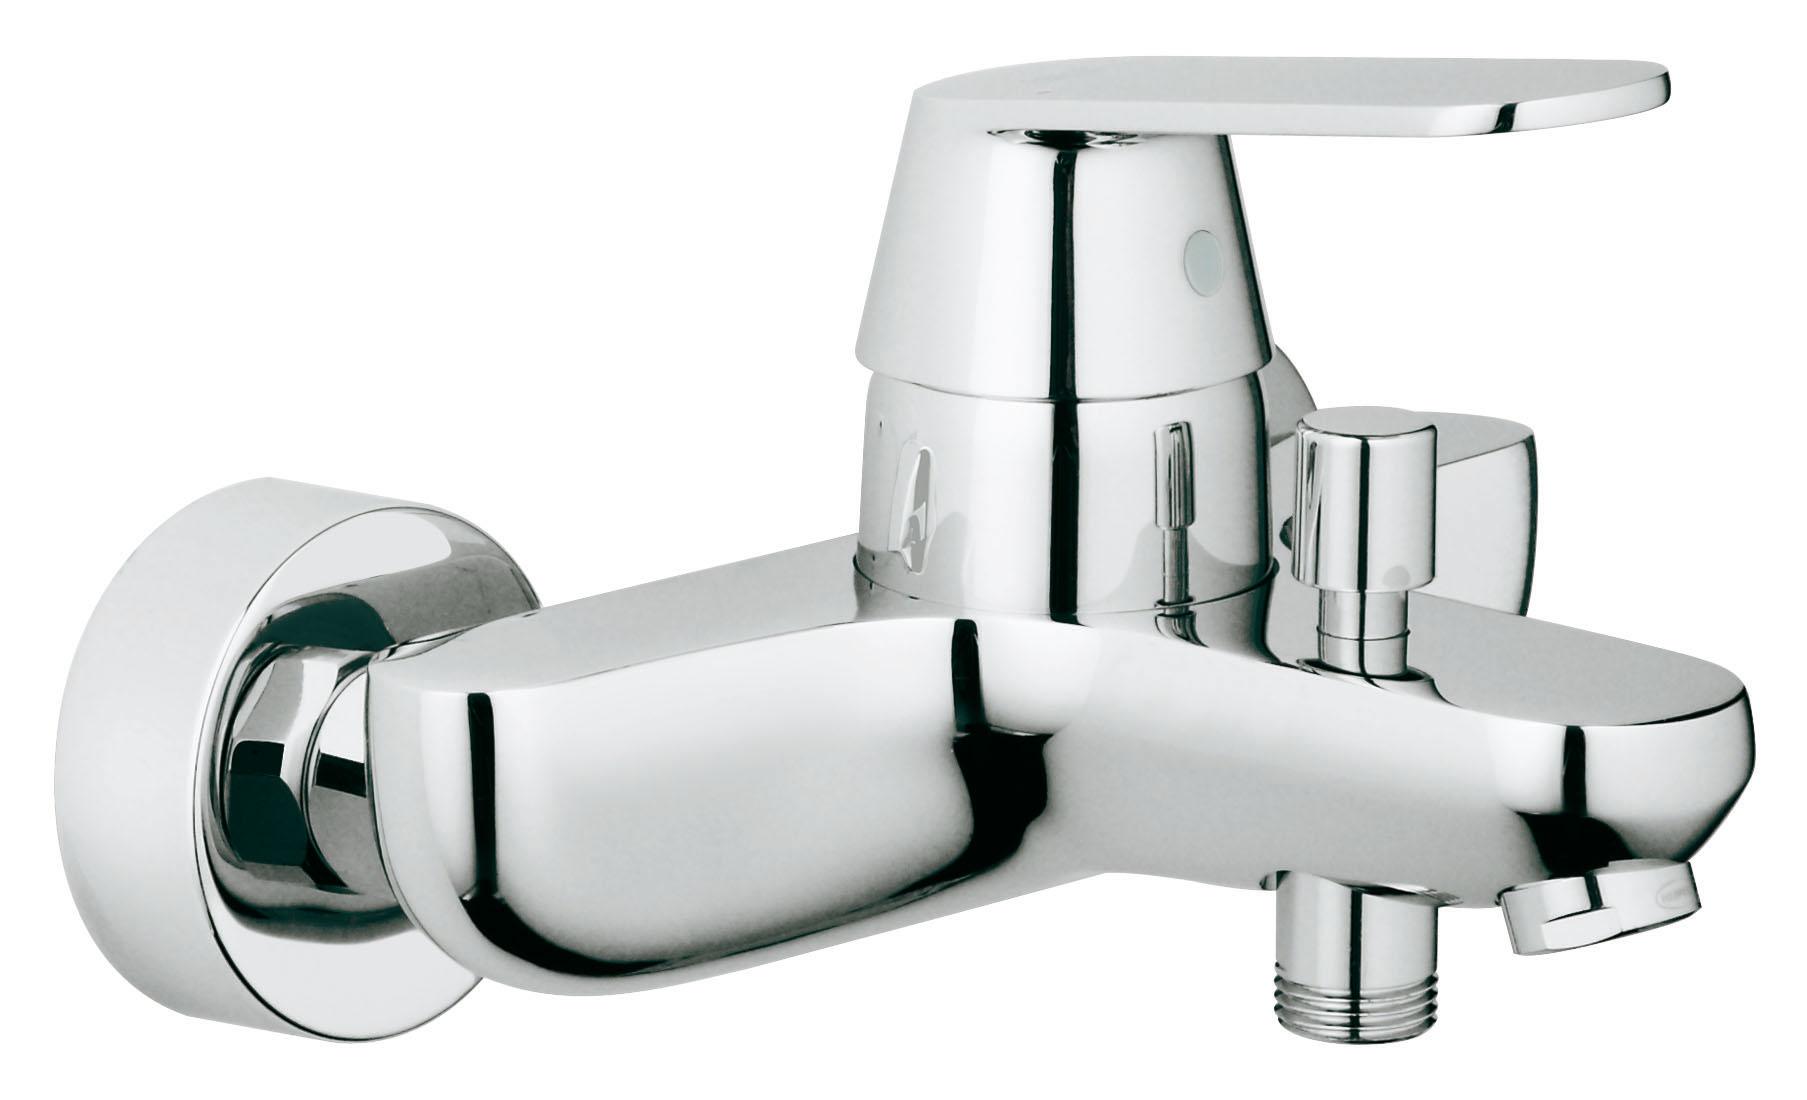 Смеситель для ванны GROHE Eurosmart Cosmopolitan (32831000)68/5/1Настенный монтаж Металлический рычаг GROHE SilkMove керамический картридж O 46 мм GROHE StarLight хромированная поверхностьРегулировка расхода воды Возможность установки мин. расхода 2,5 л/мин. Автоматический переключатель: ванна/душ Встроенный обратный клапан в душевом отводе 1/2? Аэратор Скрытые S-образные эксцентрики Дополнительный ограничитель температуры (46 308 000) С защитой от обратного потока Класс шума I по DIN 4109 Видео по установке является исключительно информационным. Установка должна проводиться профессионалами! Характеристики:Материал: металл. Цвет: хром. Количество монтажных отверстий: 2. Размер упаковки: 20 см x 18 см x 16 см. Артикул: 32831000.